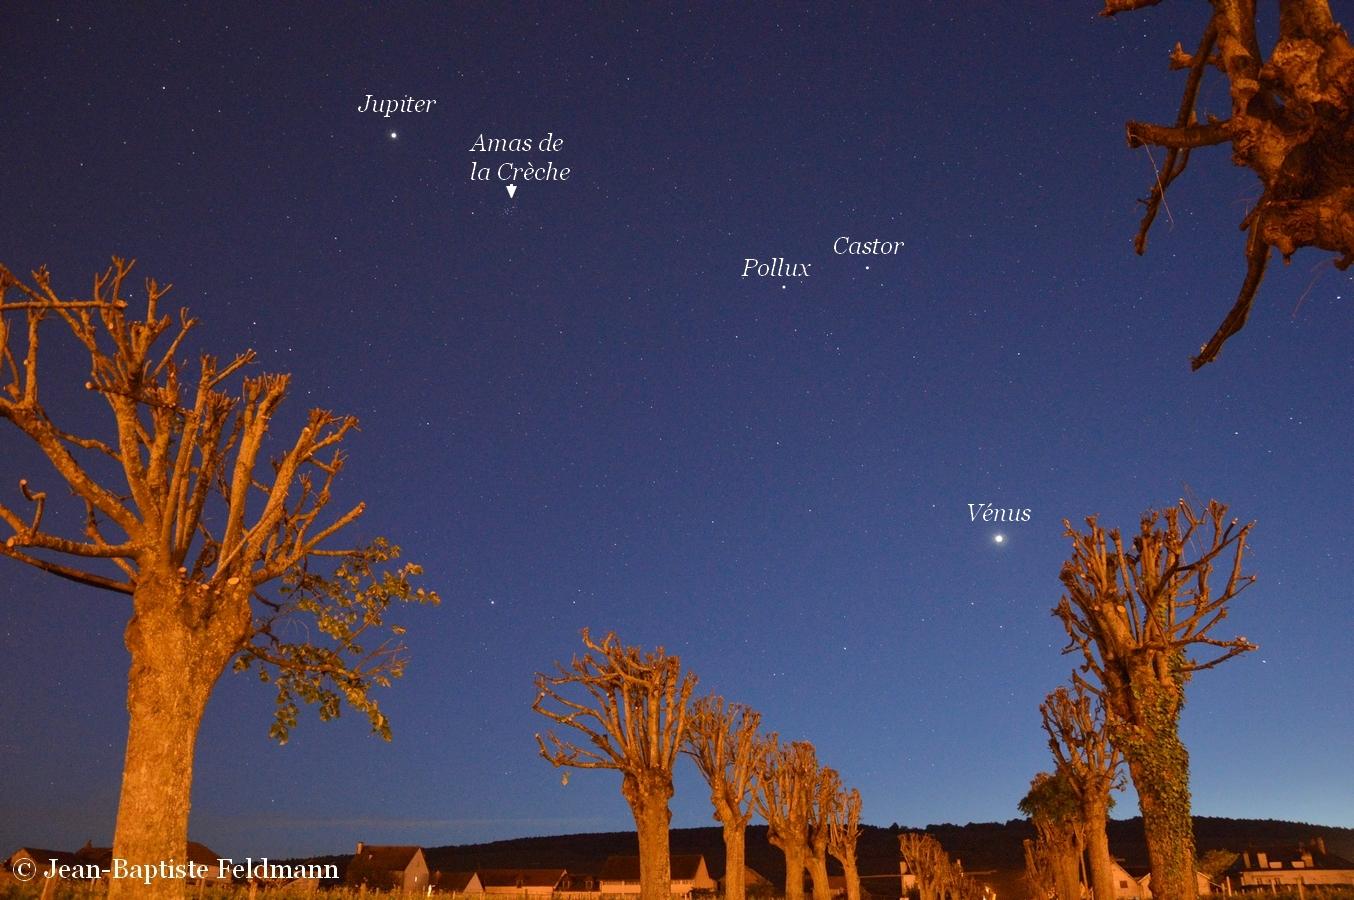 rencontres astronomiques du printemps Villeneuve-d'Ascq